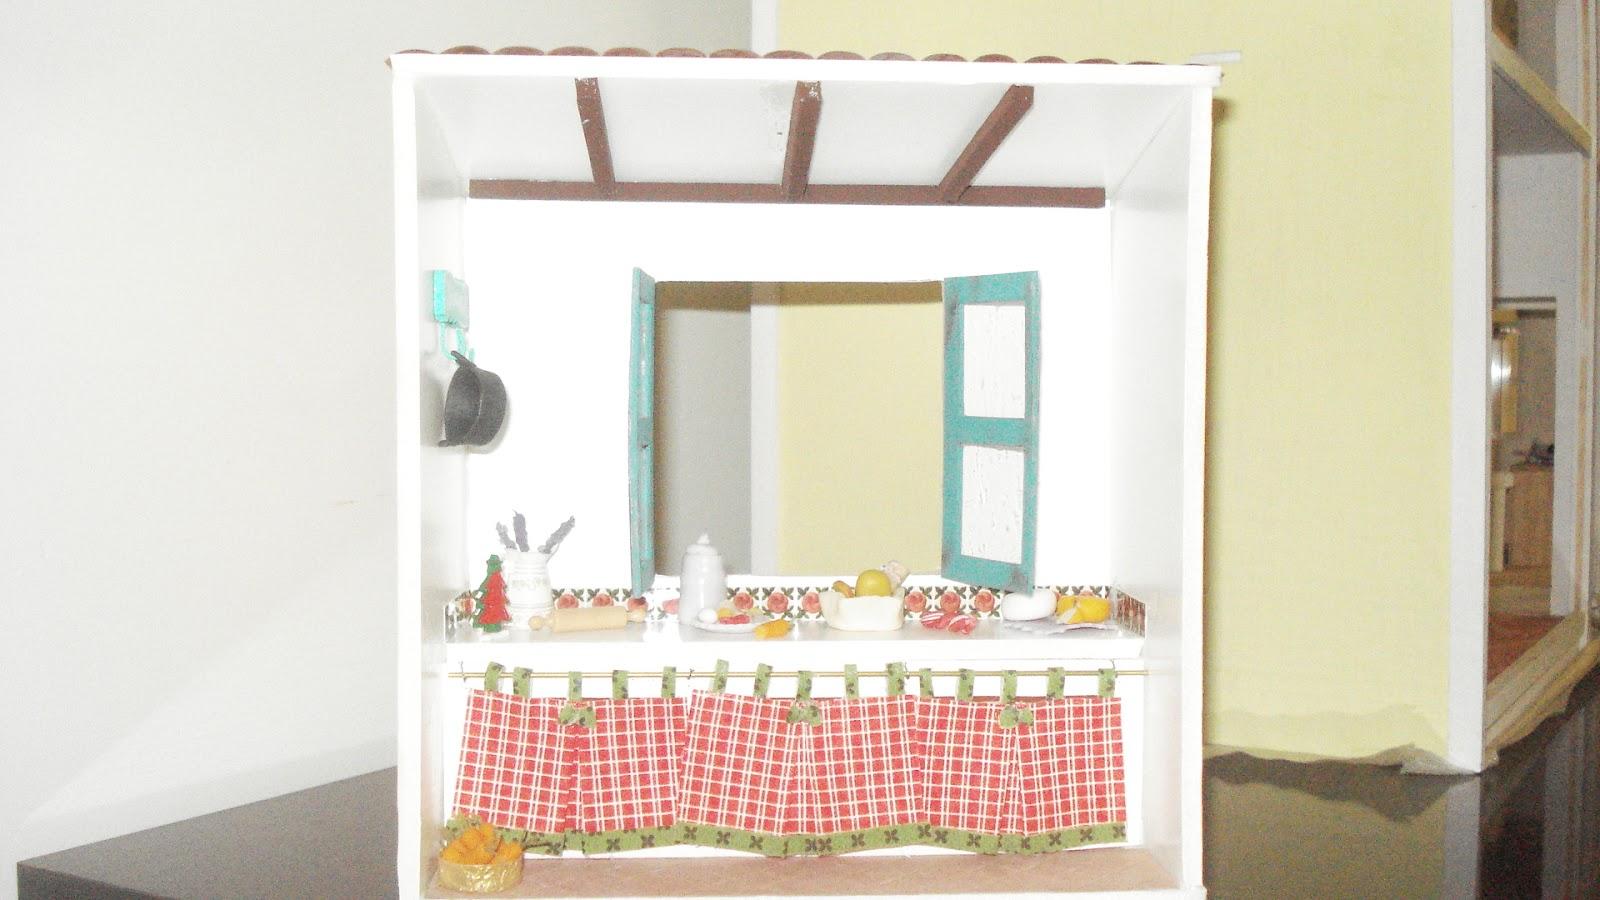 casa andrea milano sectional sofa motion sofas louca por miniaturas minis da dea outubro 2012